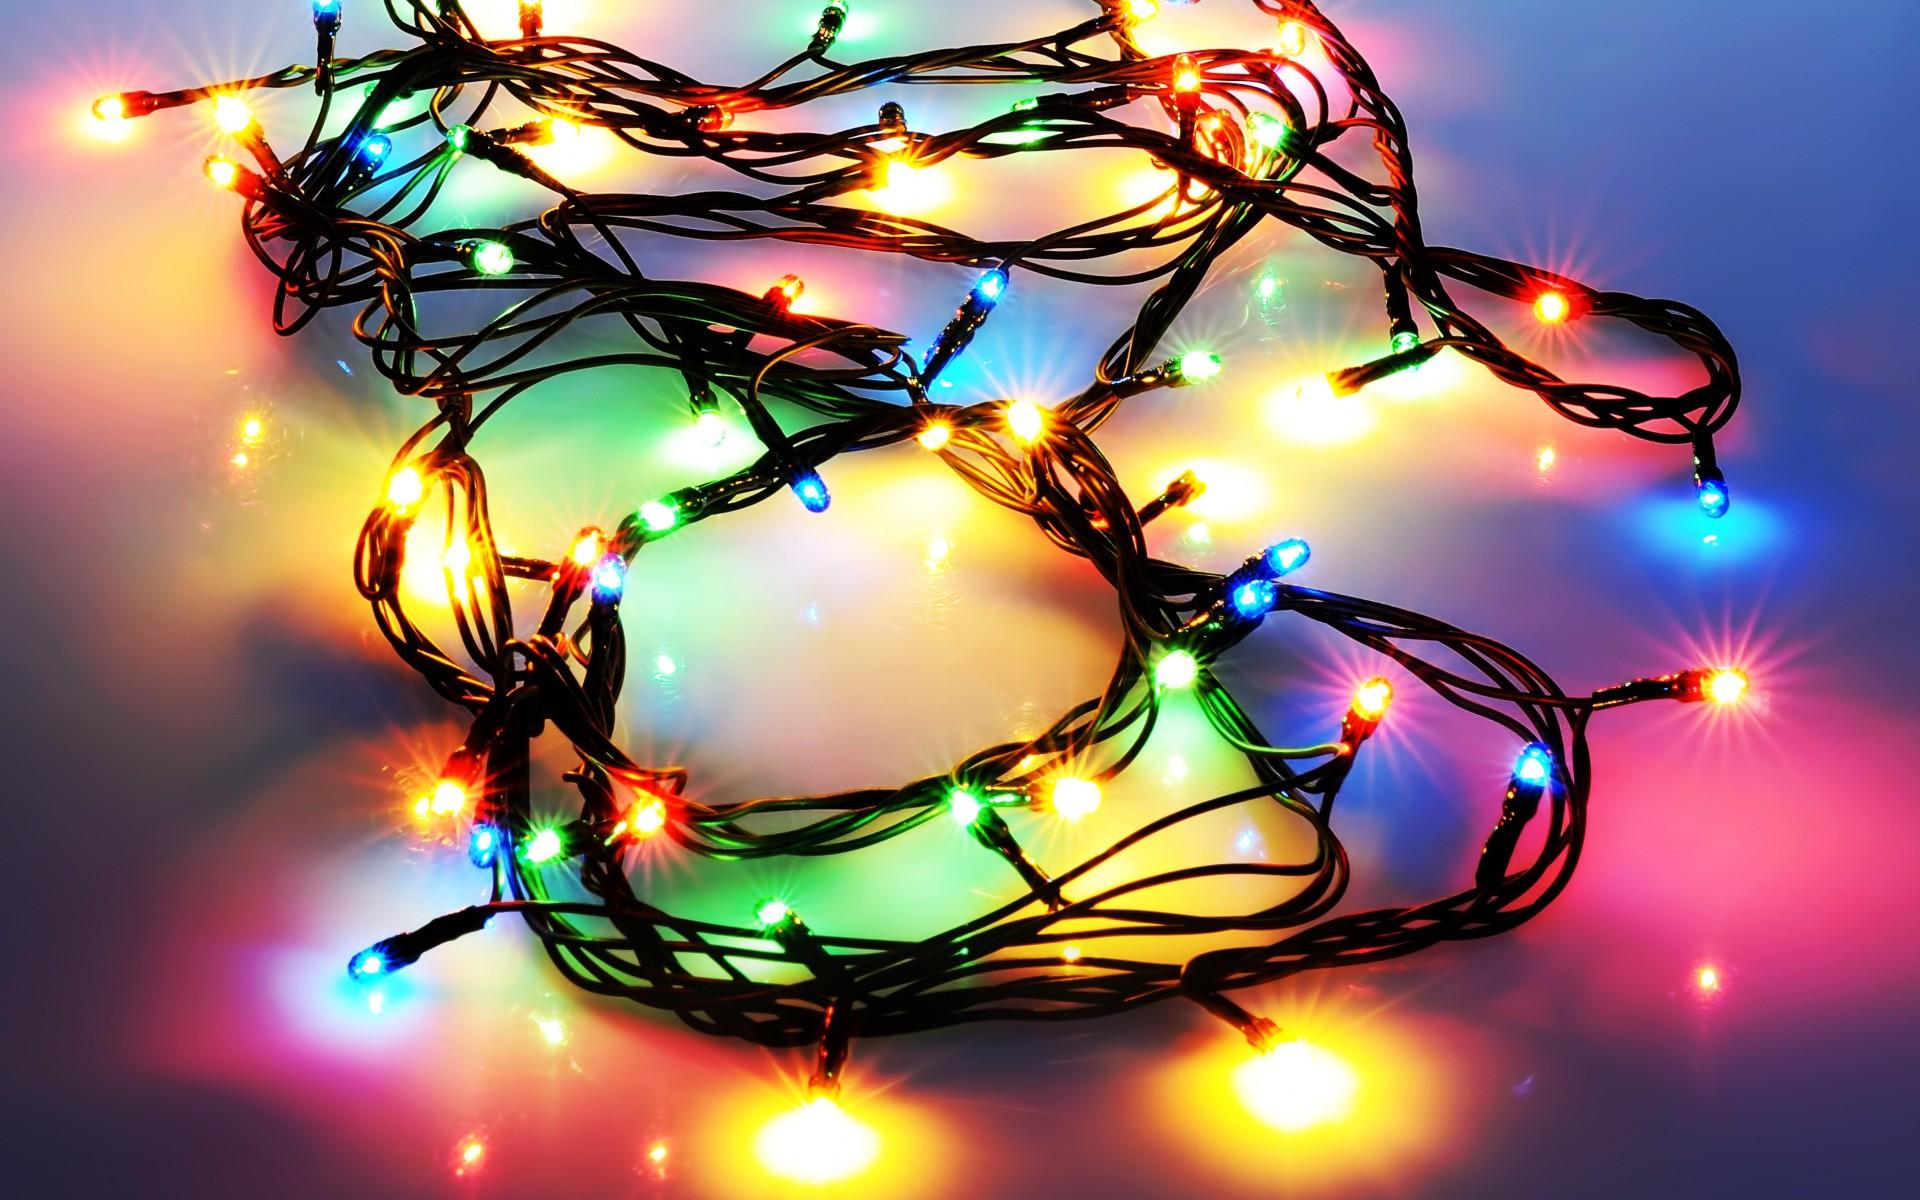 holiday lights wallpaper 44575